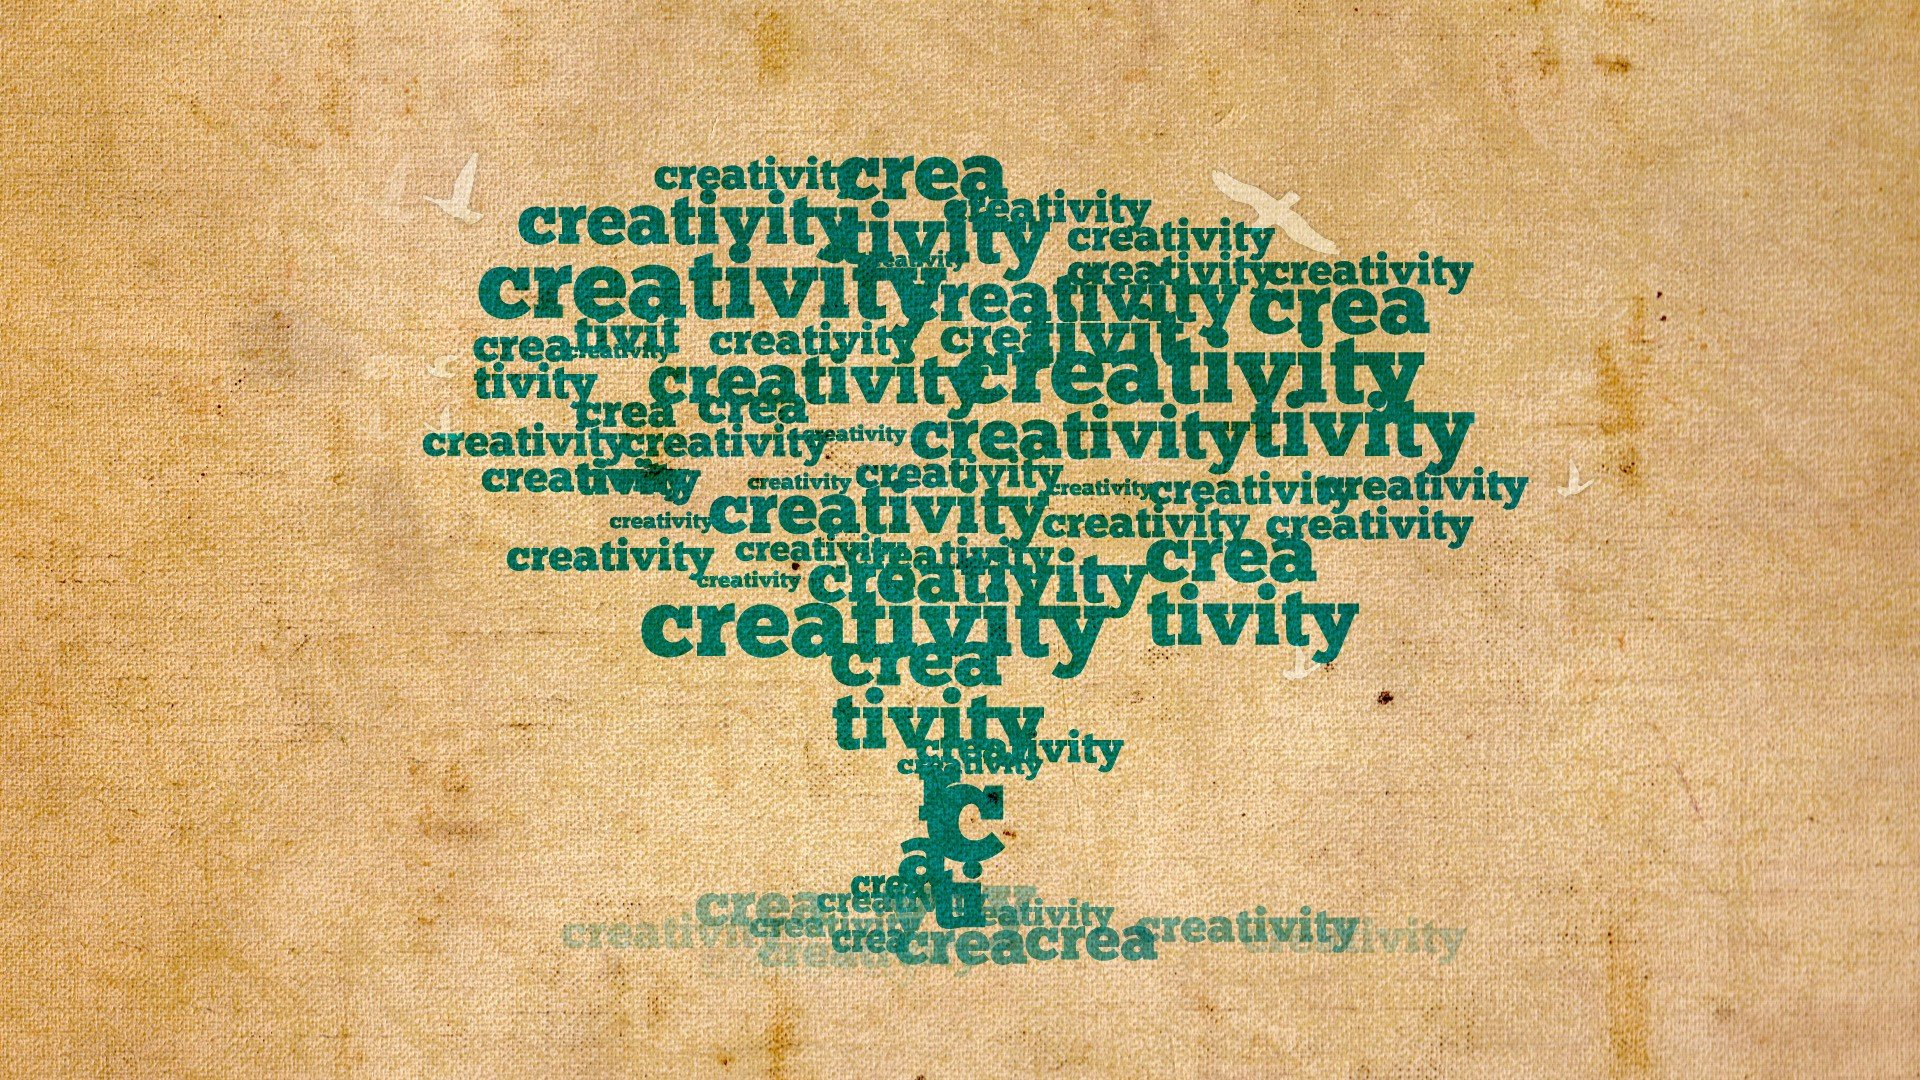 creativity-inspira-company-3